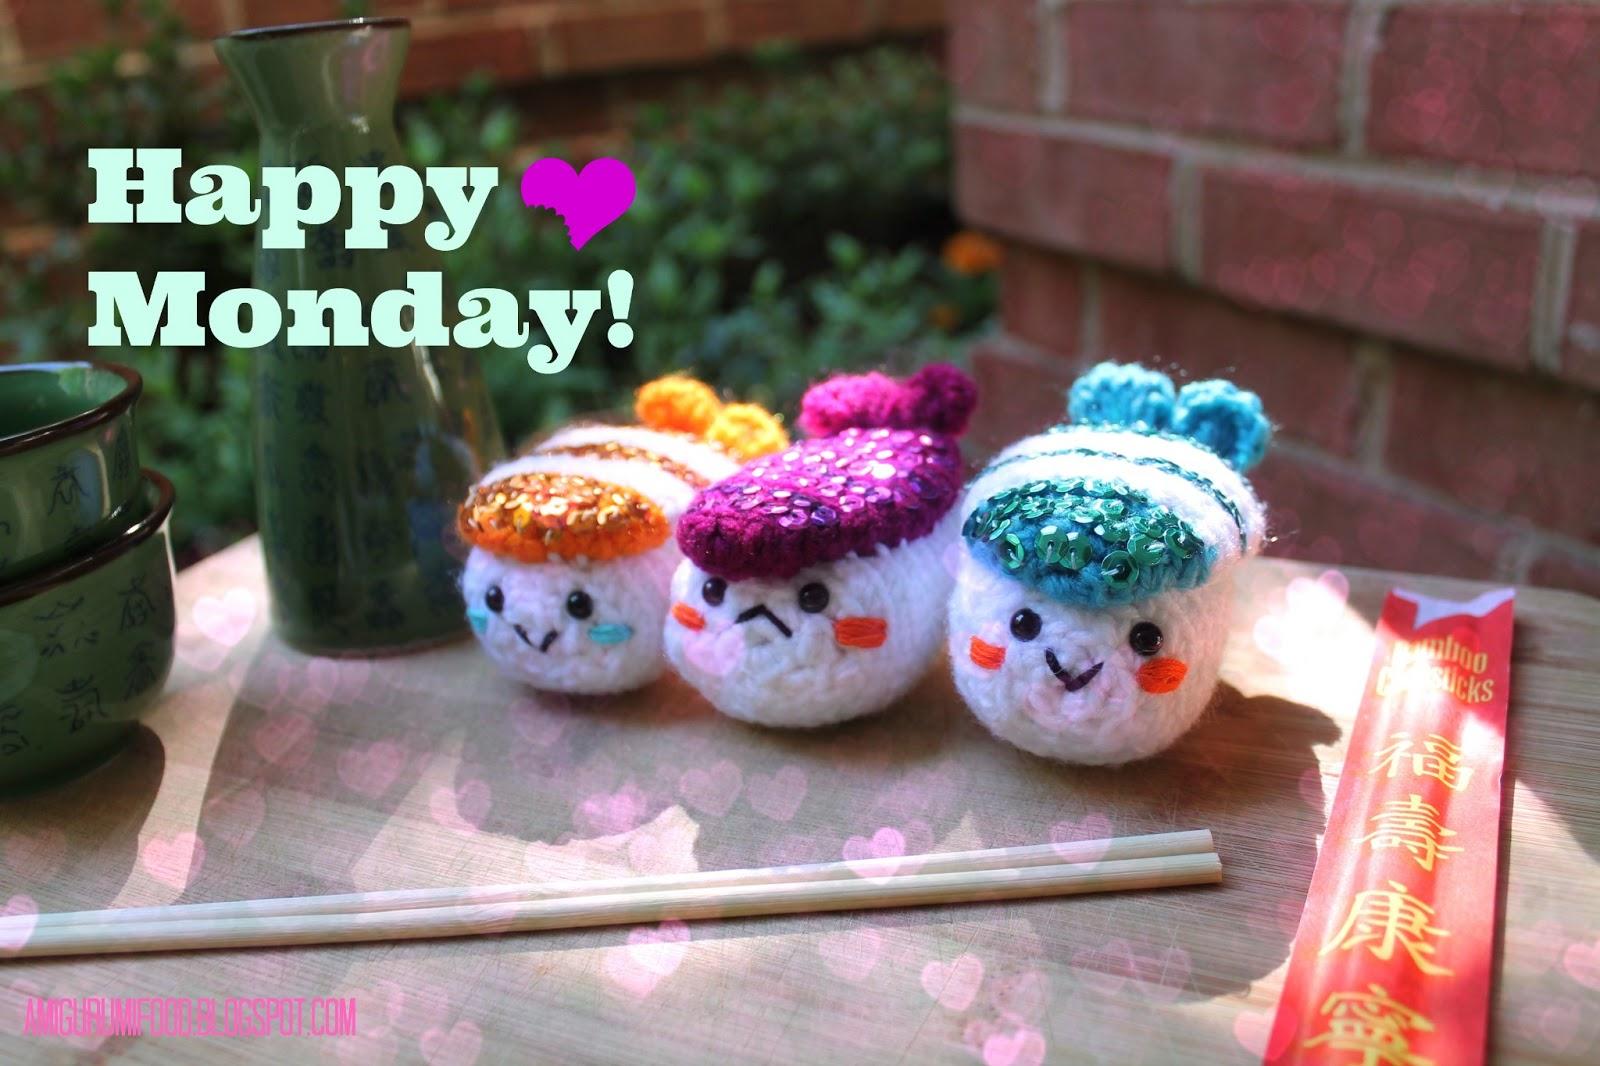 Amigurumi Food: Happy Monday!